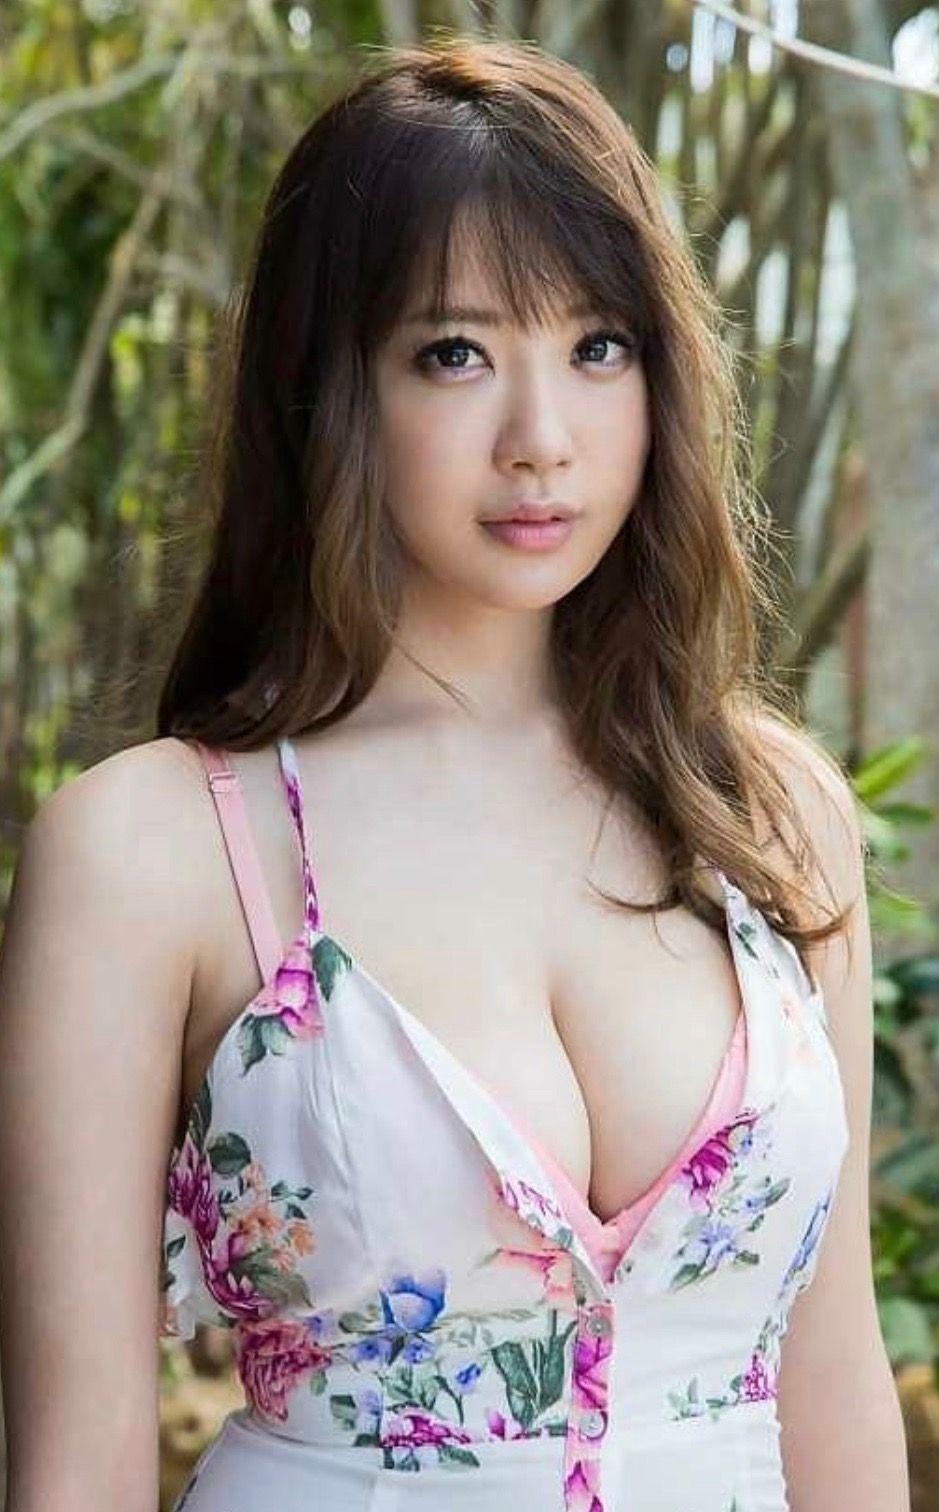 Nữ diễn viên trưởng thành sexy Shion Utsunomiya / Rion